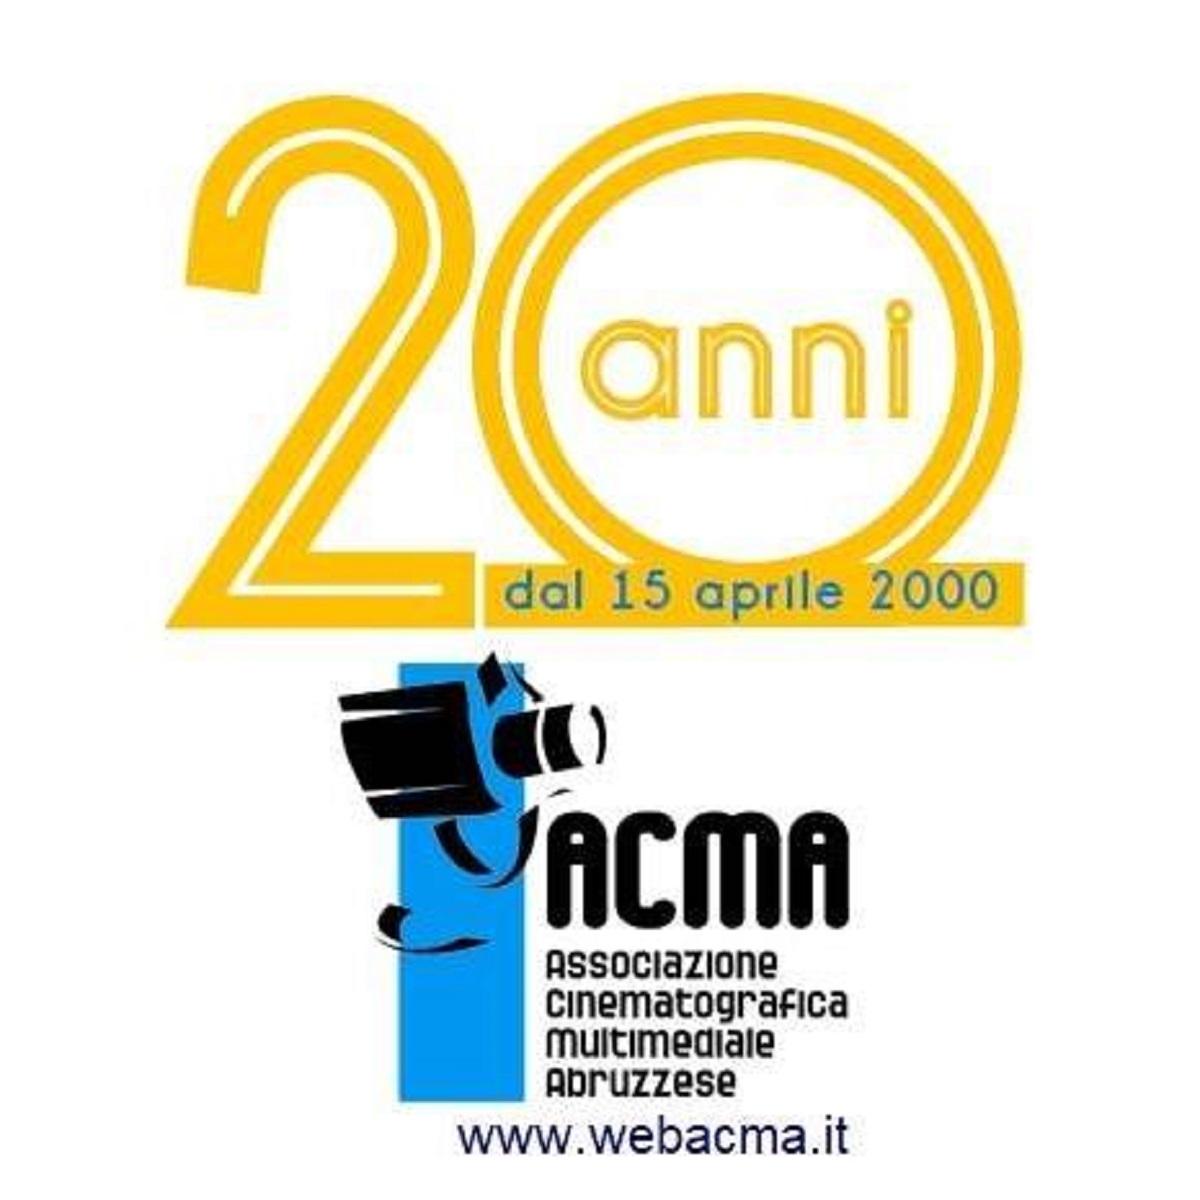 Associazione ACMA è media partner di Leo City foto